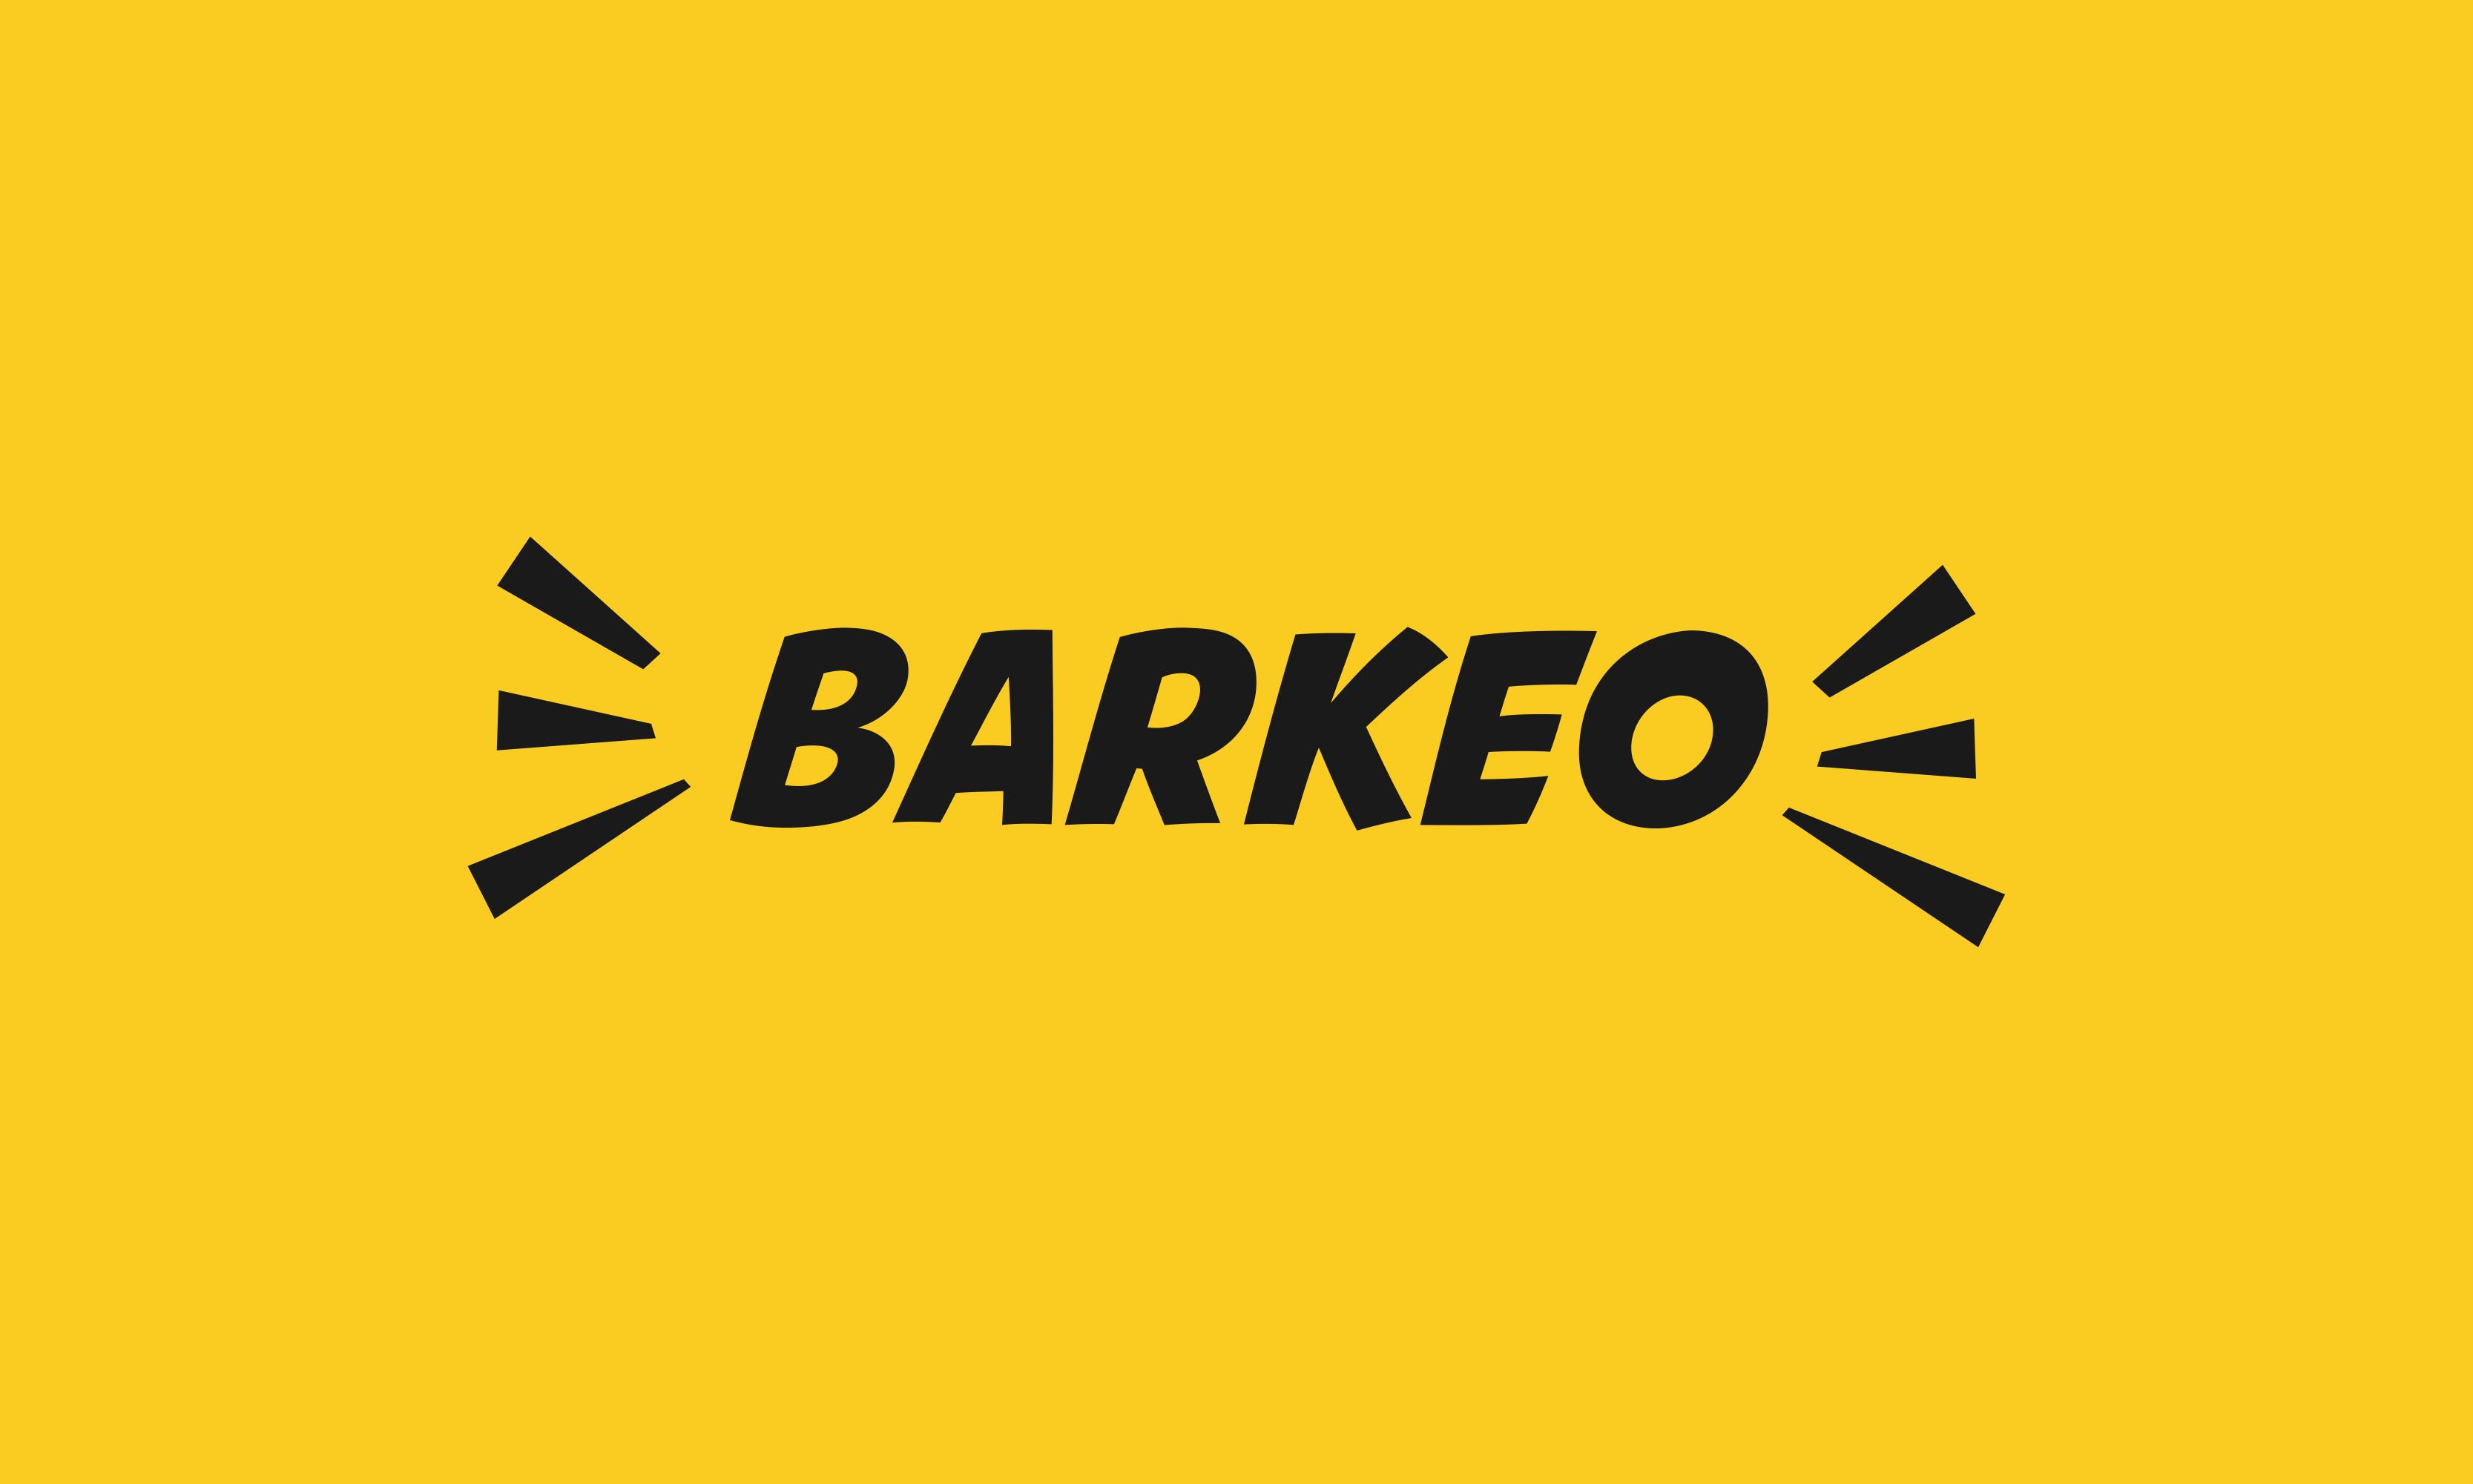 Barkeo